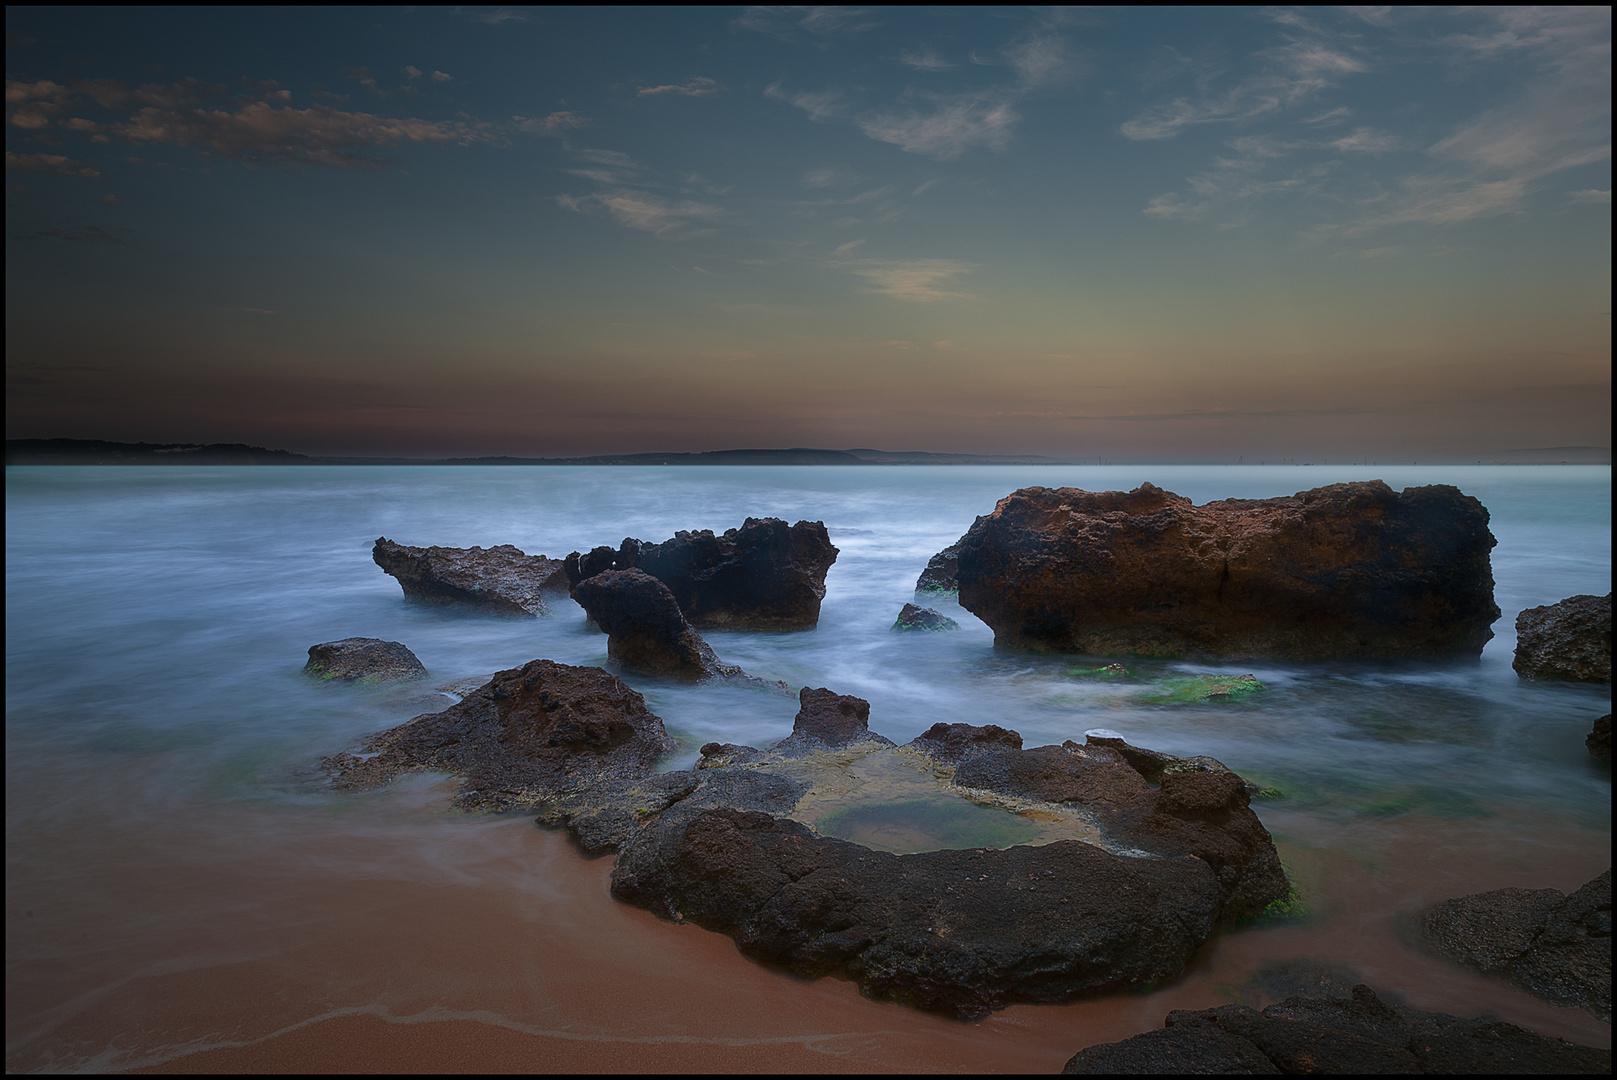 Abend Dämmerung am Meer